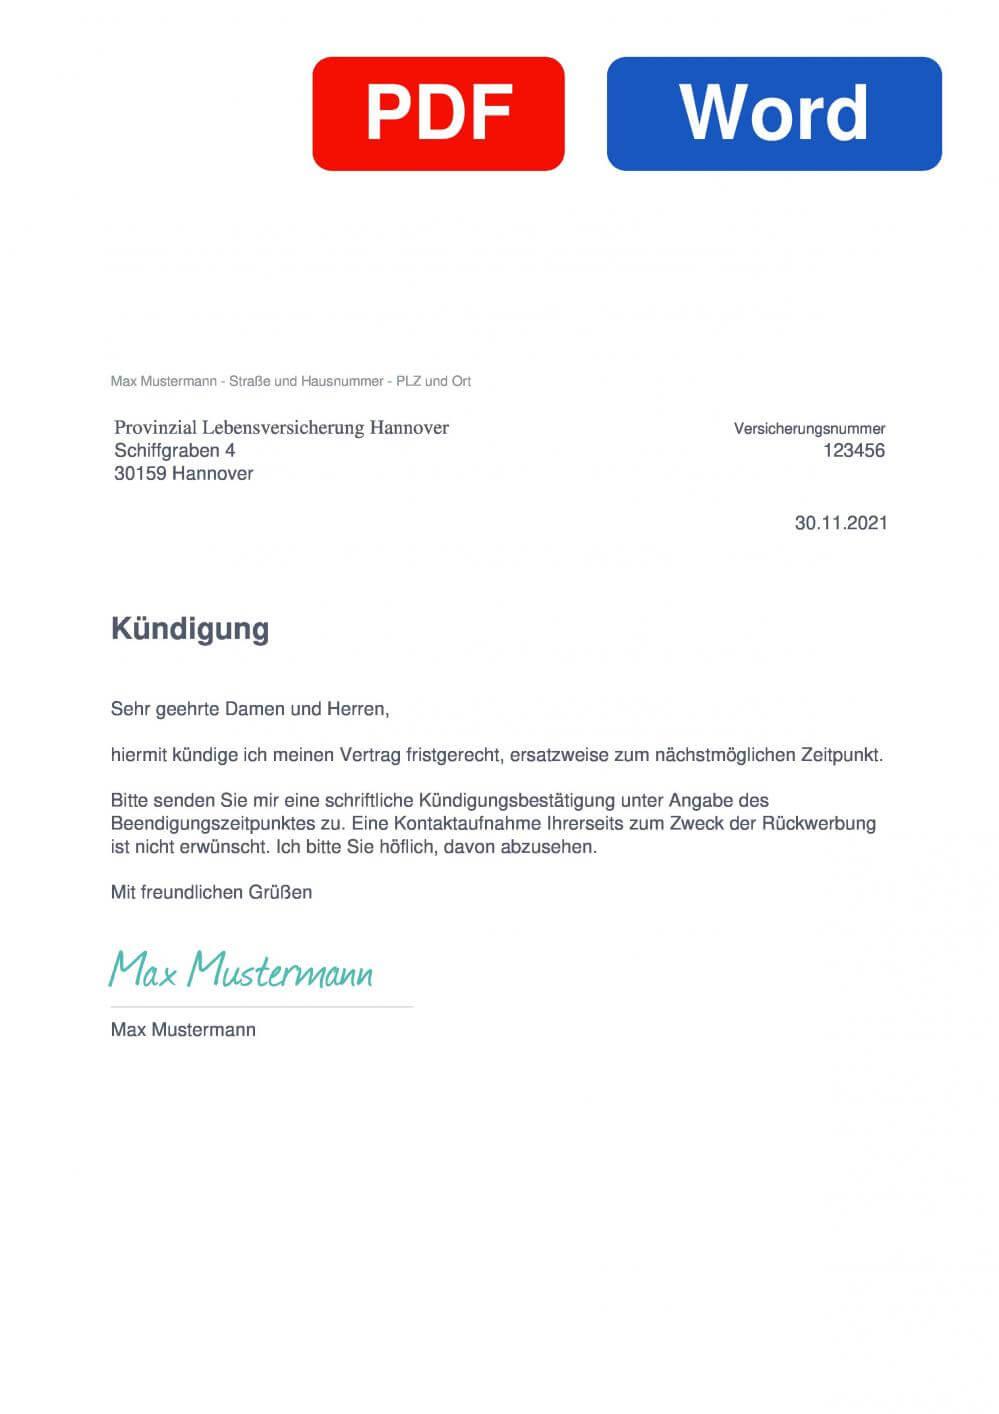 Provinzial Lebensversicherung Hannover Muster Vorlage für Kündigungsschreiben